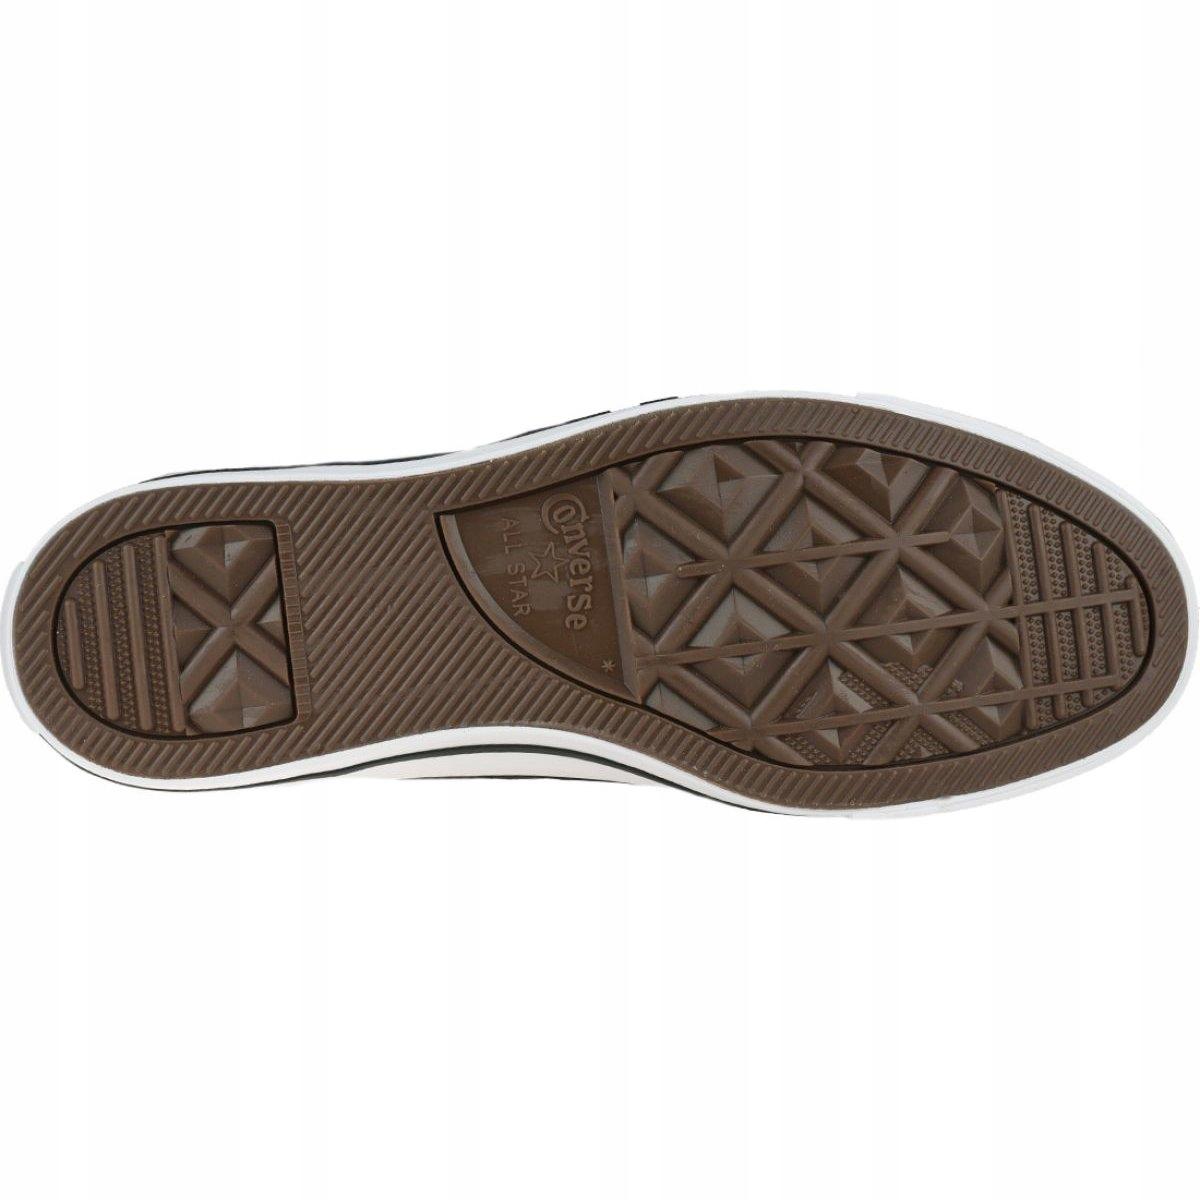 Converse trampki obuwie męskie mężczyźni r.36